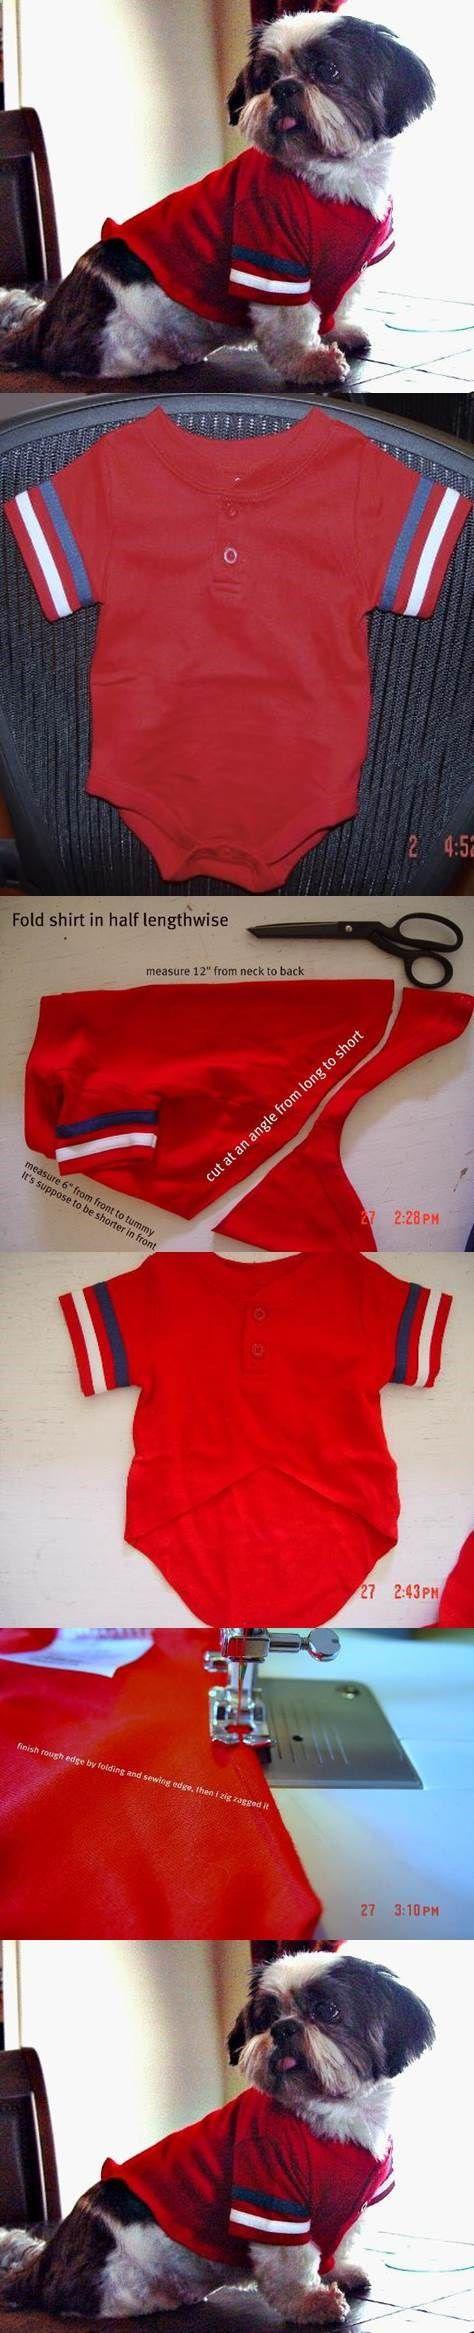 Dog Clothes - Recycler un body de bébé en vêtement pour chien, une bonne solution pour réutiliser les vêtements de son enfant, devenus trop petits !